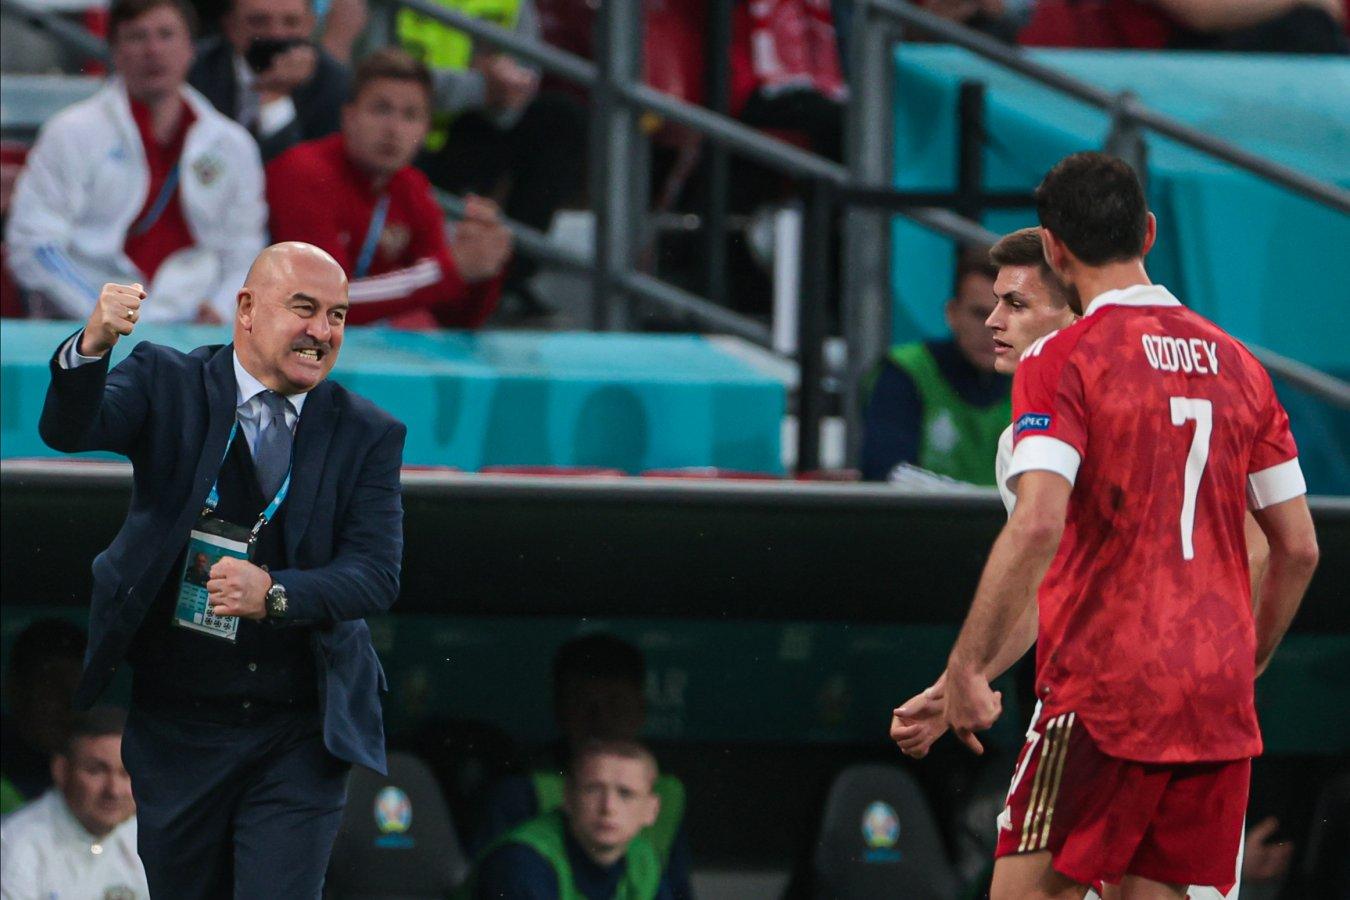 Орлов: выступление сборной России на Евро — провал. Команда играет в старый футбол